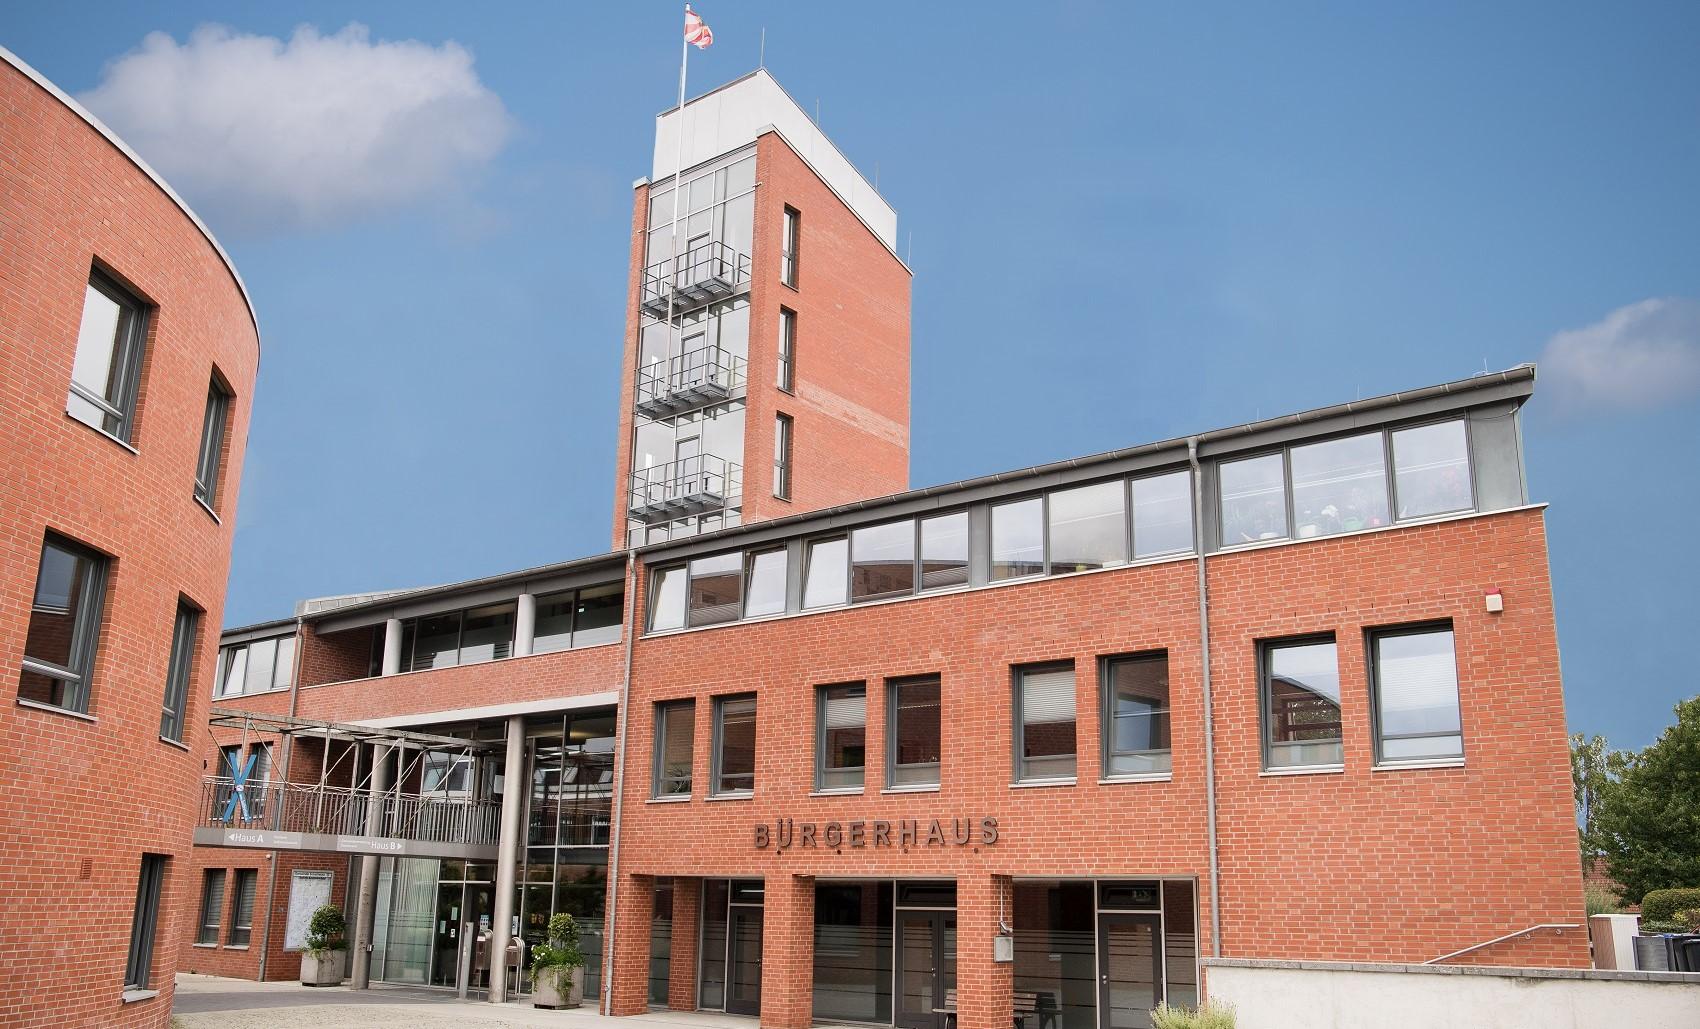 Buergerhaus Gemeinde Scharbeutz